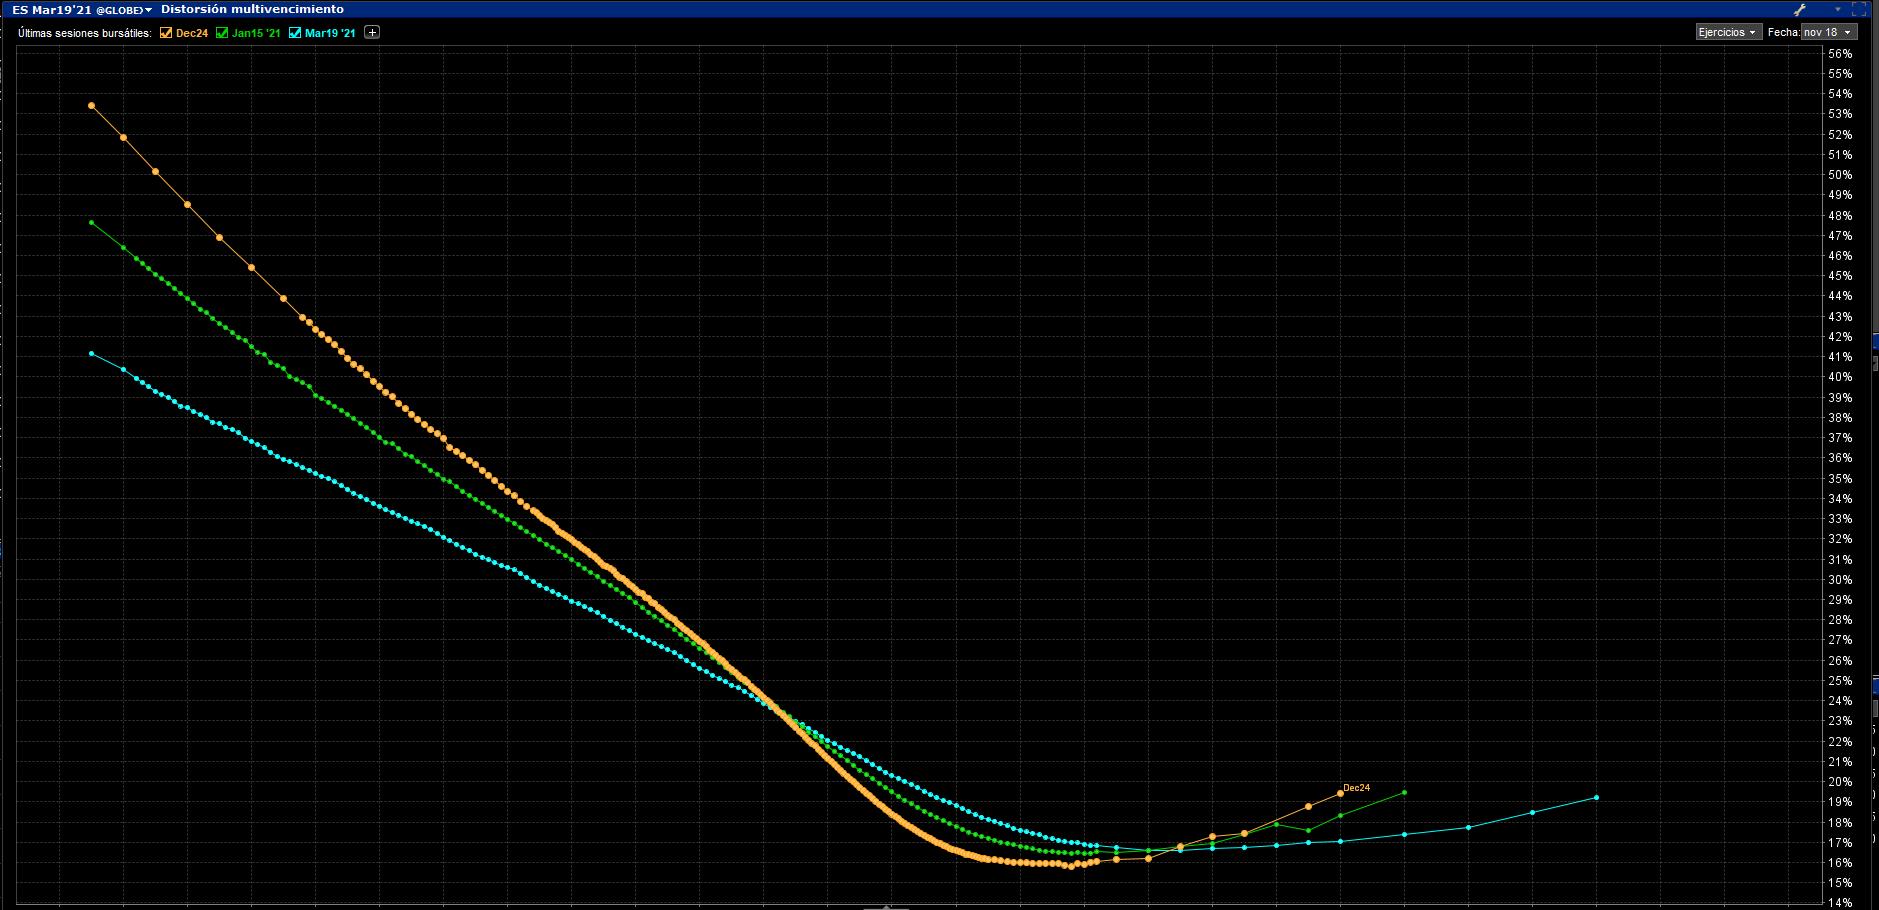 Skew volatilidad ES SP500